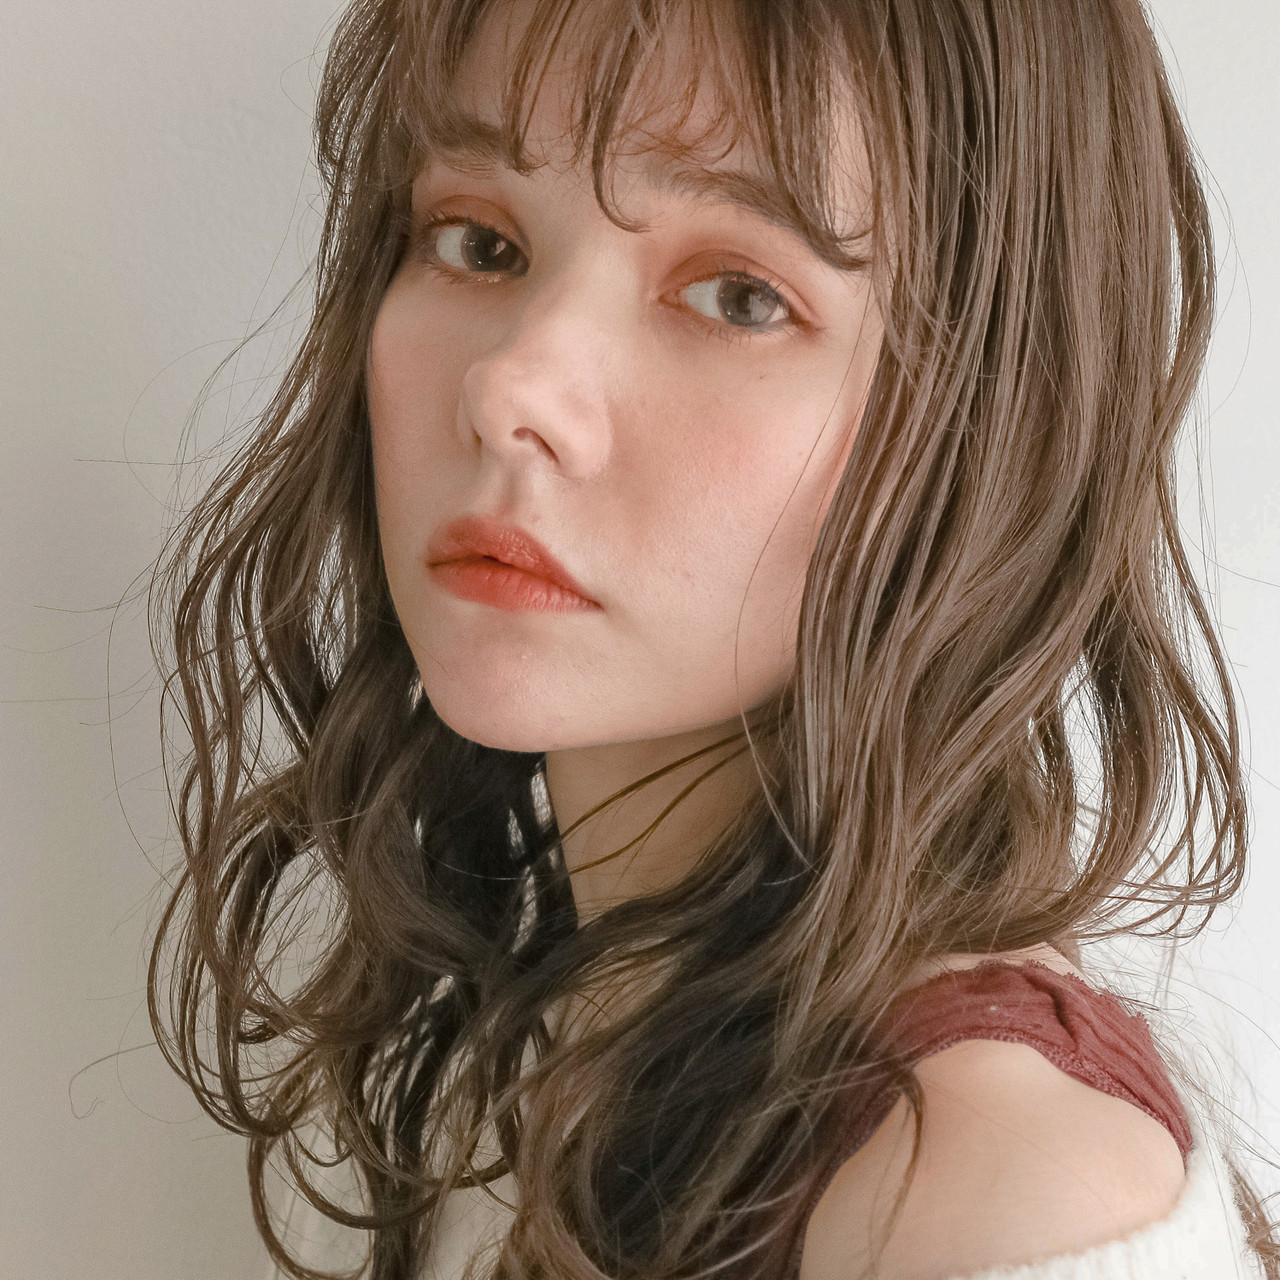 ニュアンスパーマ 外国人風フェミニン フェミニン 無造作パーマ ヘアスタイルや髪型の写真・画像